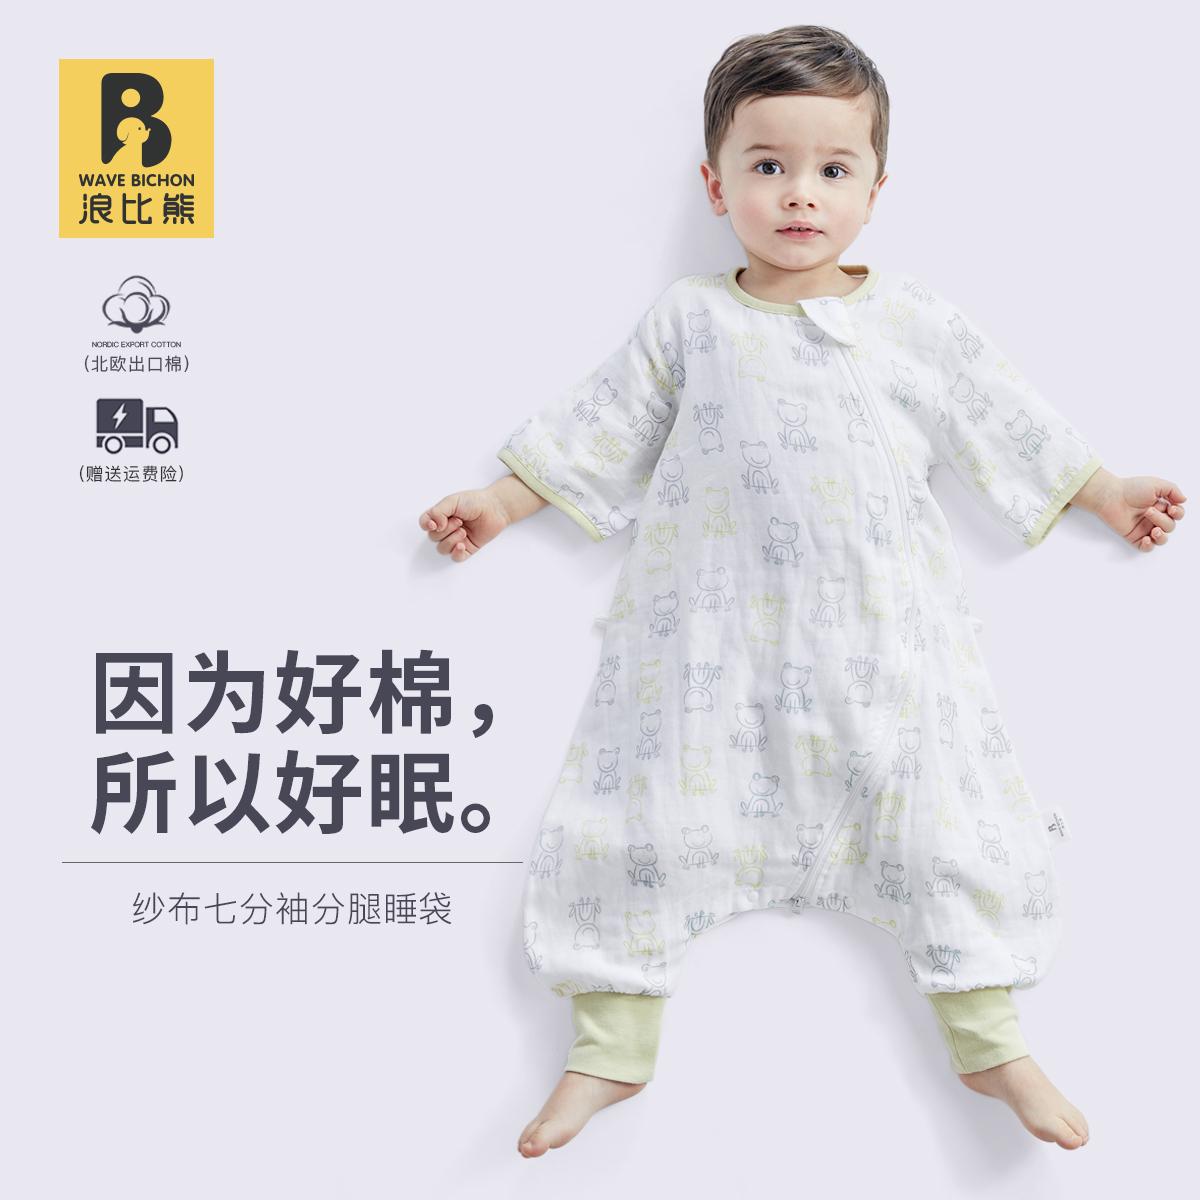 浪比熊婴儿睡袋夏季薄款纱布宝宝睡袋四季通用款空调房儿童防踢被